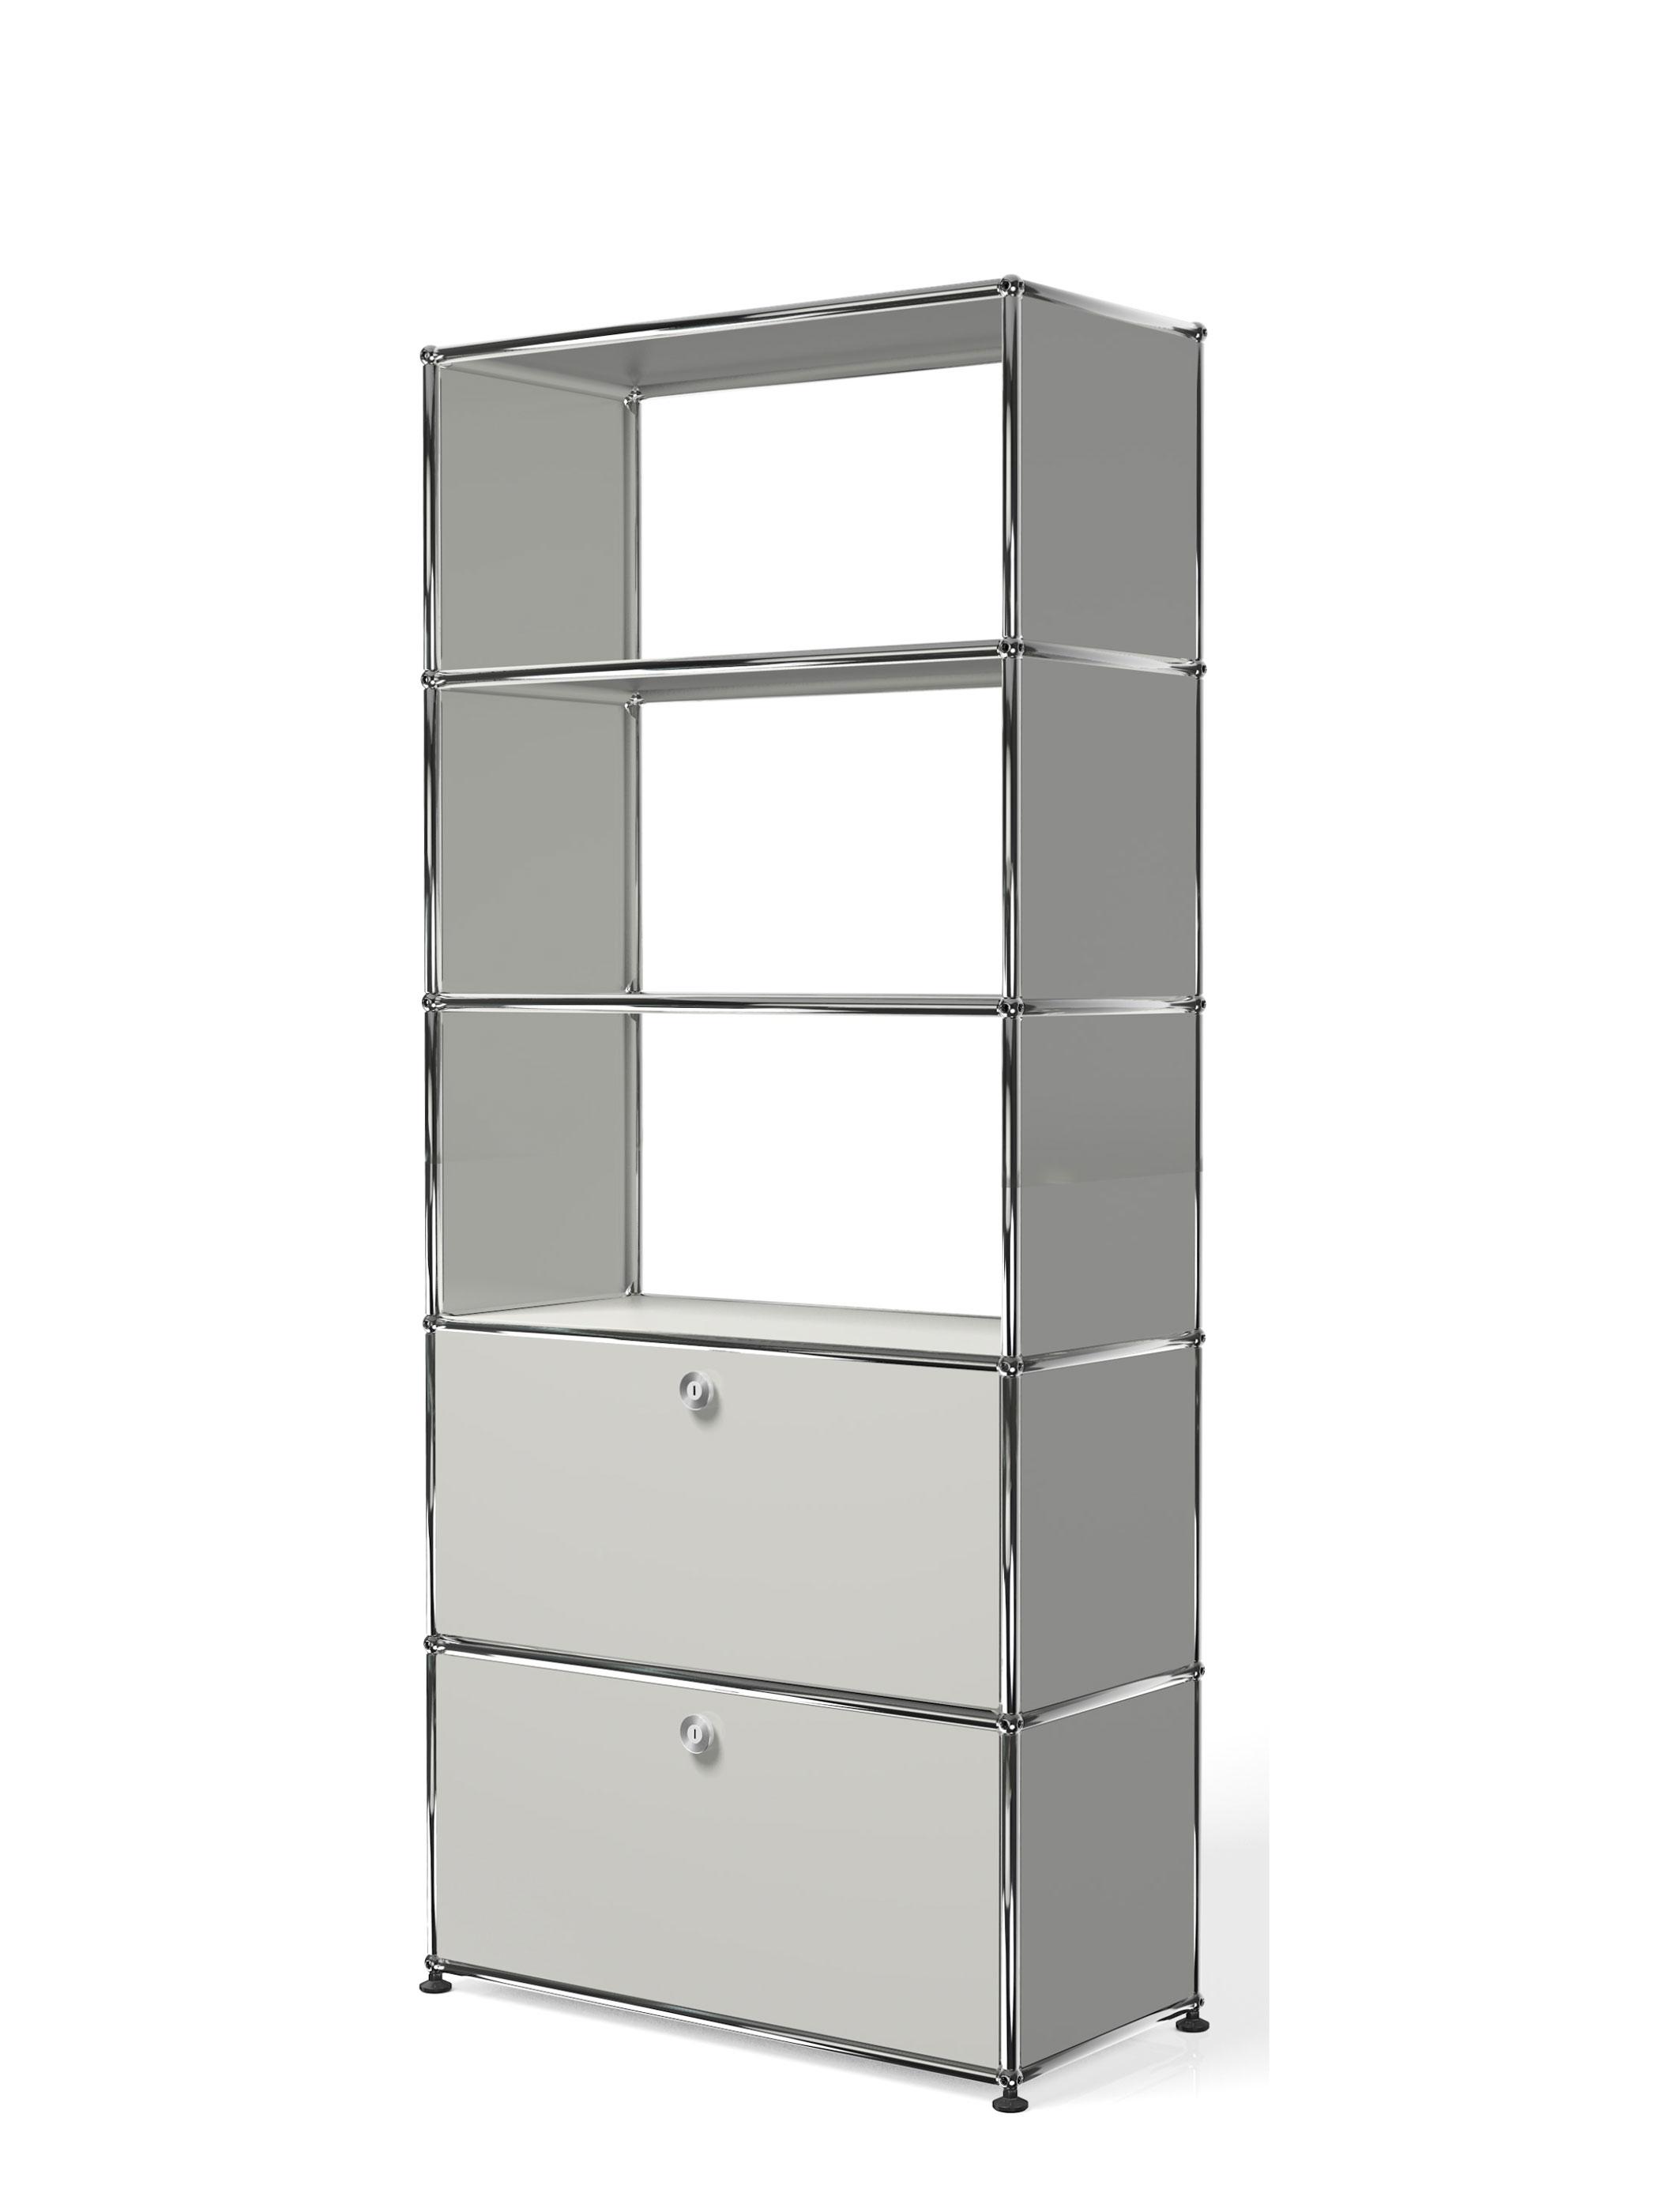 usm usm haller quick ship de qs r1 produktdetails. Black Bedroom Furniture Sets. Home Design Ideas